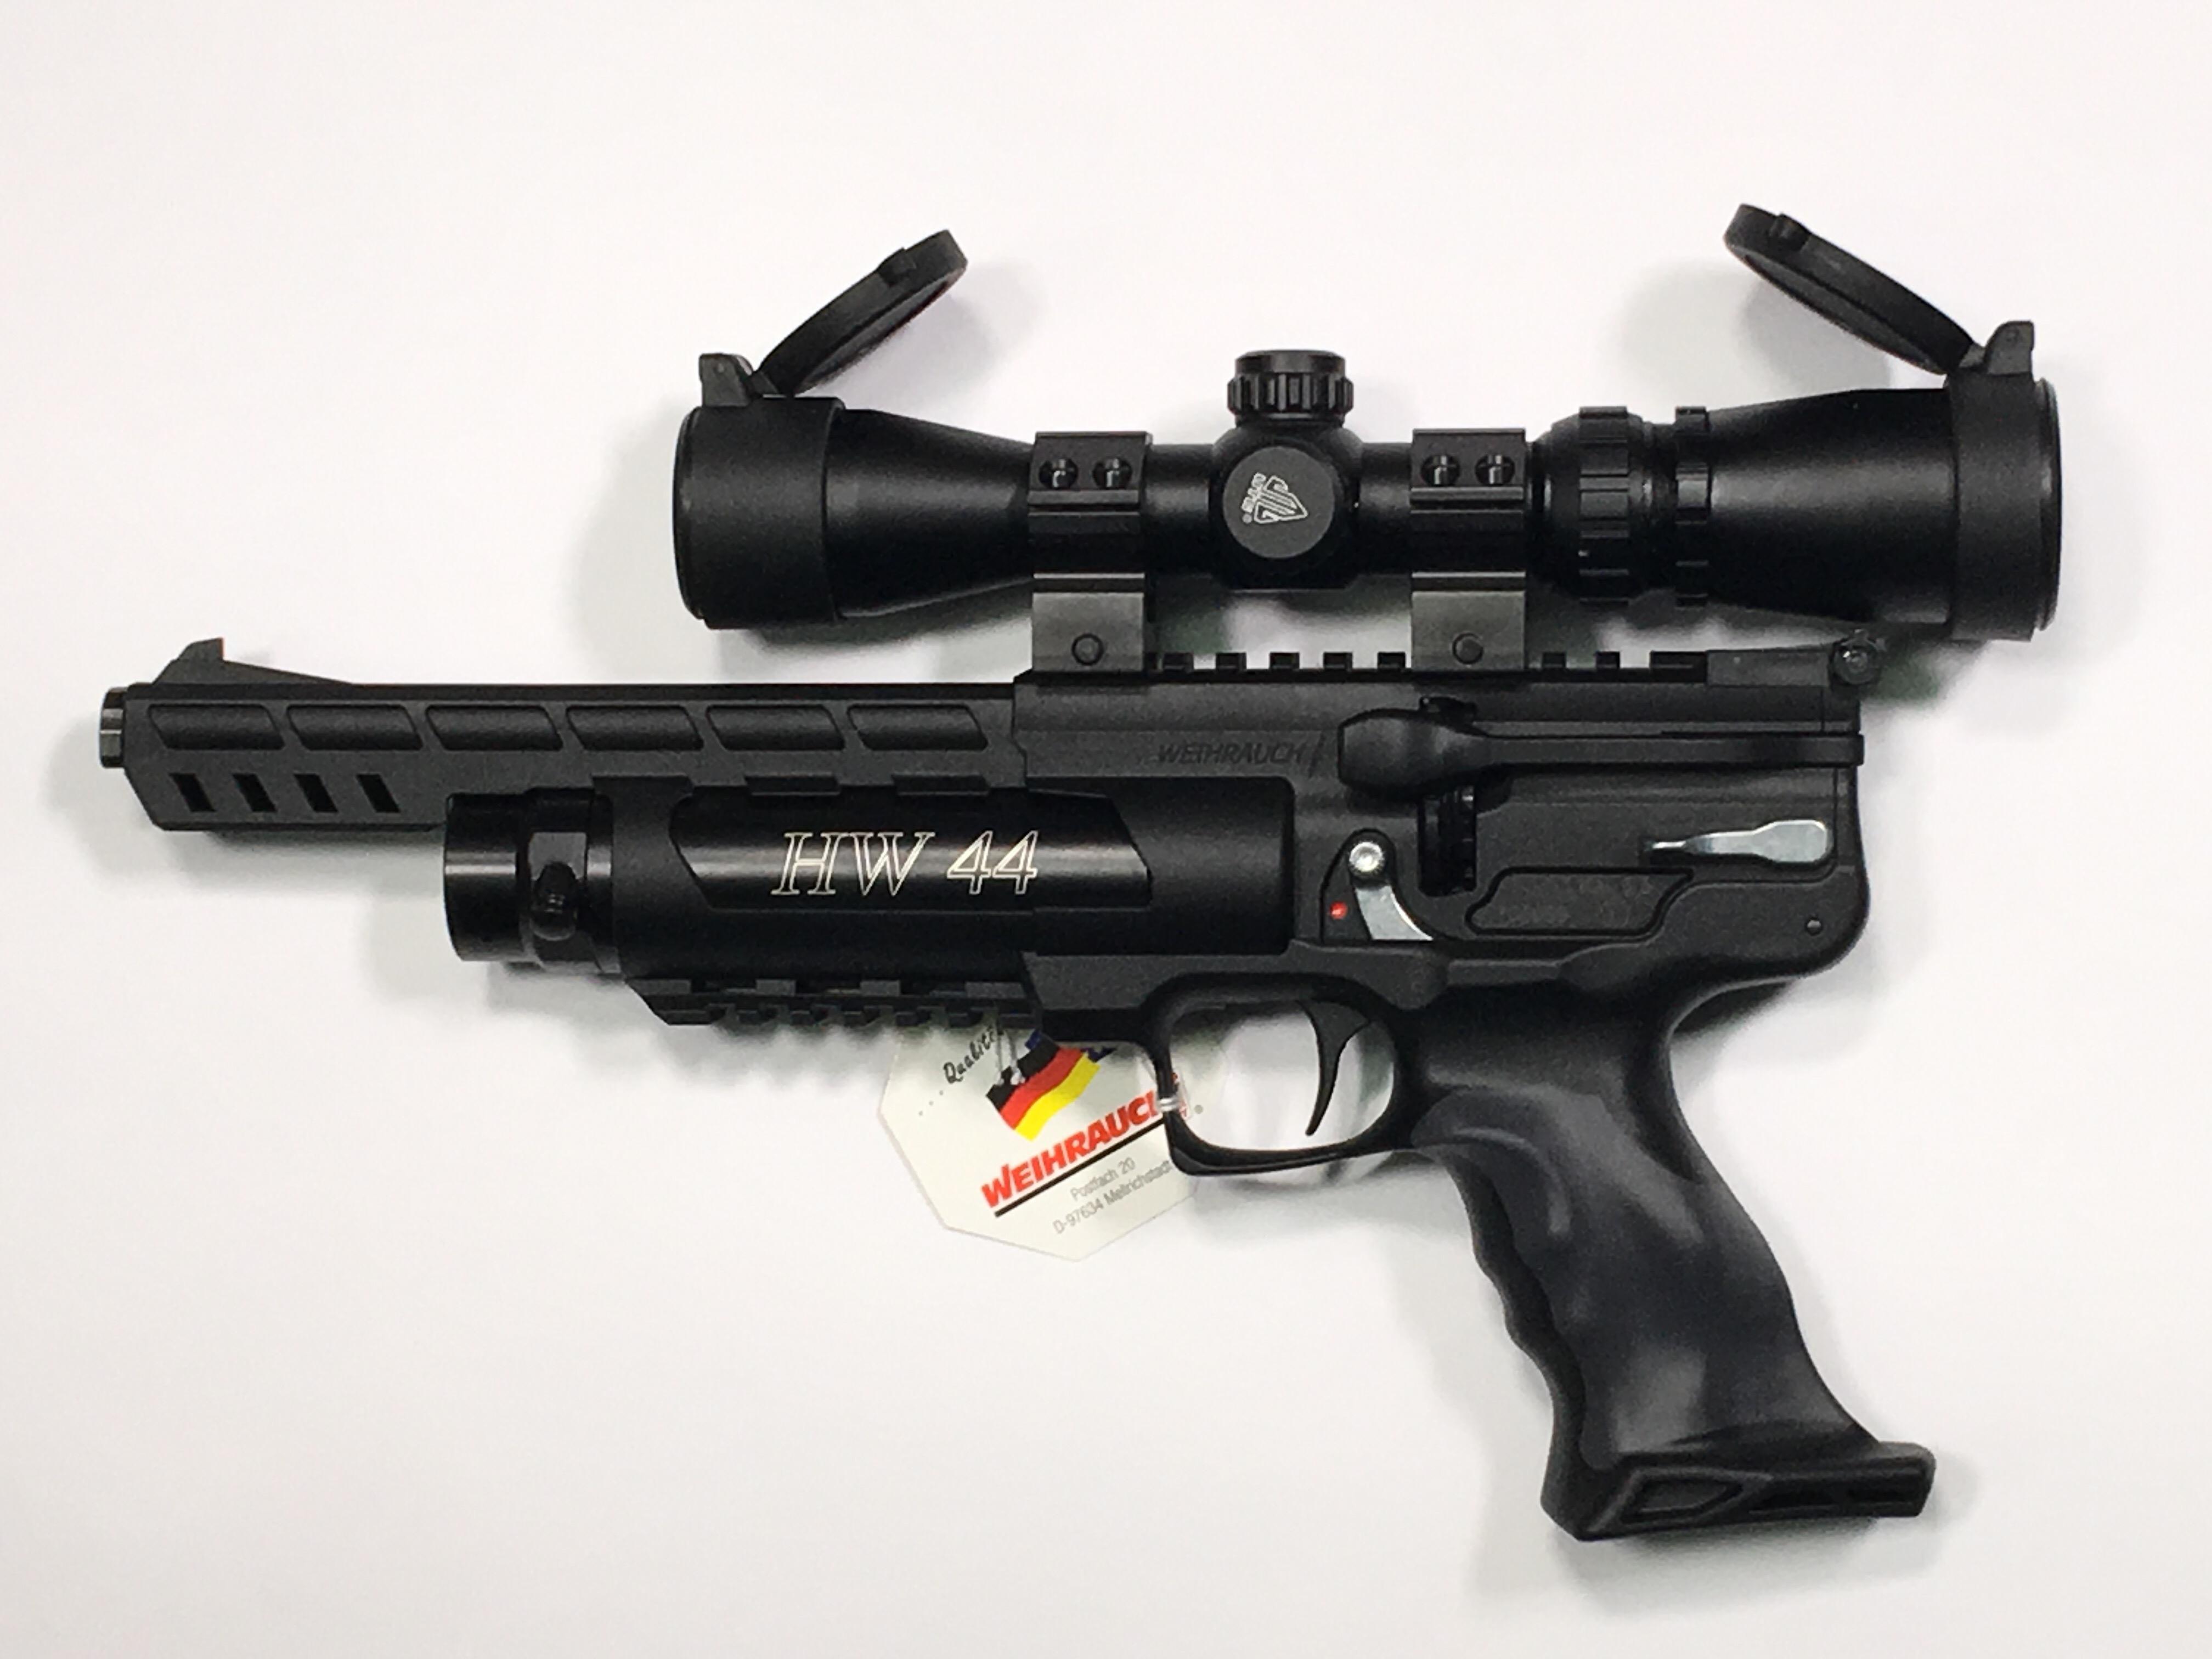 Montagebeispiel mit einem <a href=1130099.htm>Pistolenzielfernrohr der Marke UTG</a>. Mit montierter Optik und Schalldämpfer wäre das Gesamtgewicht ca. 1900g.